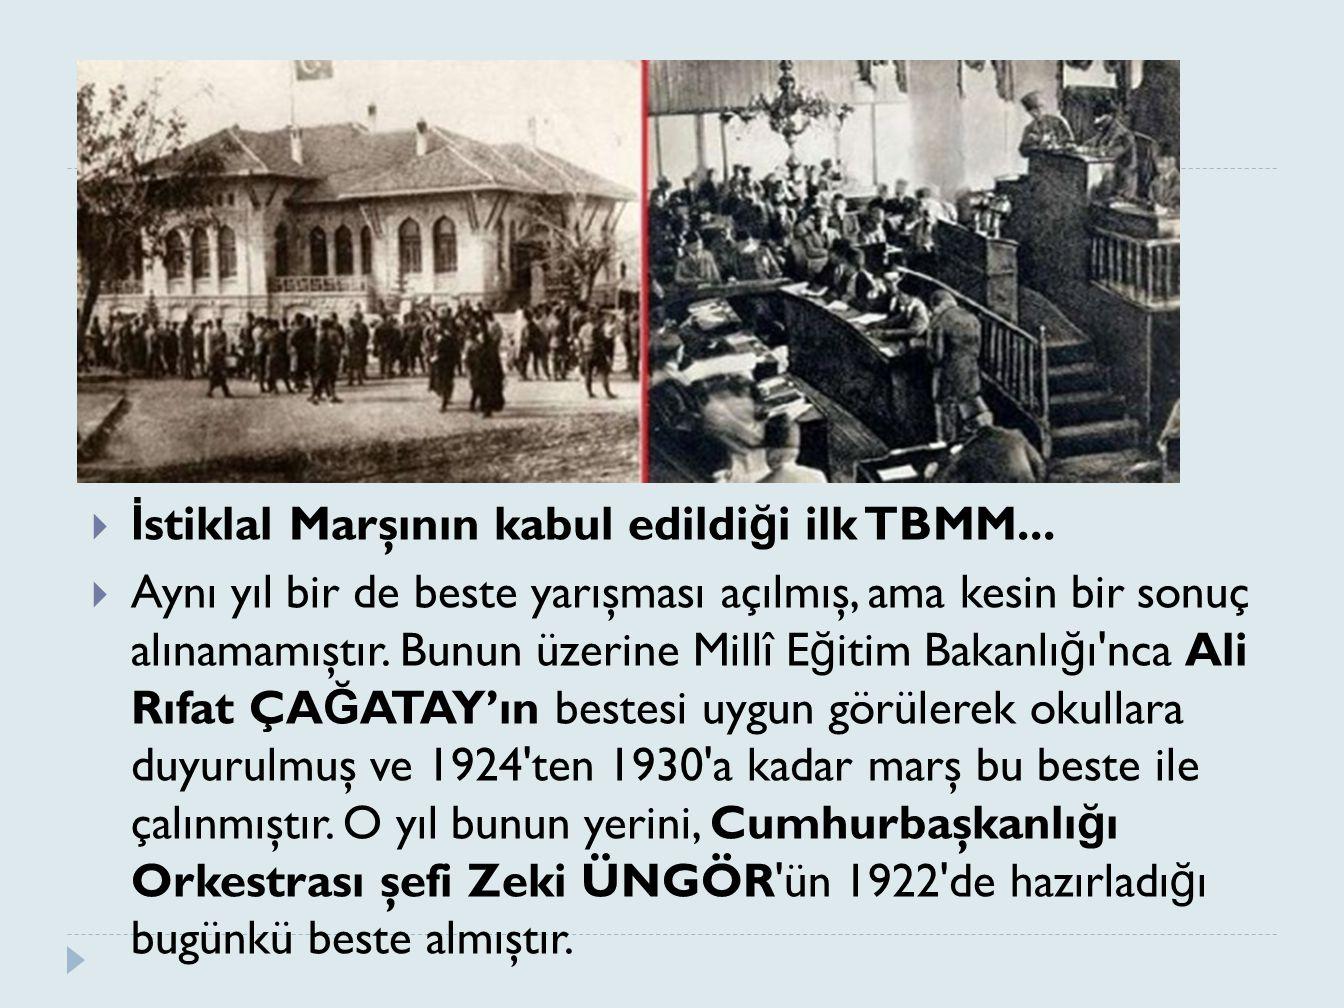 İstiklal Marşının kabul edildiği ilk TBMM...